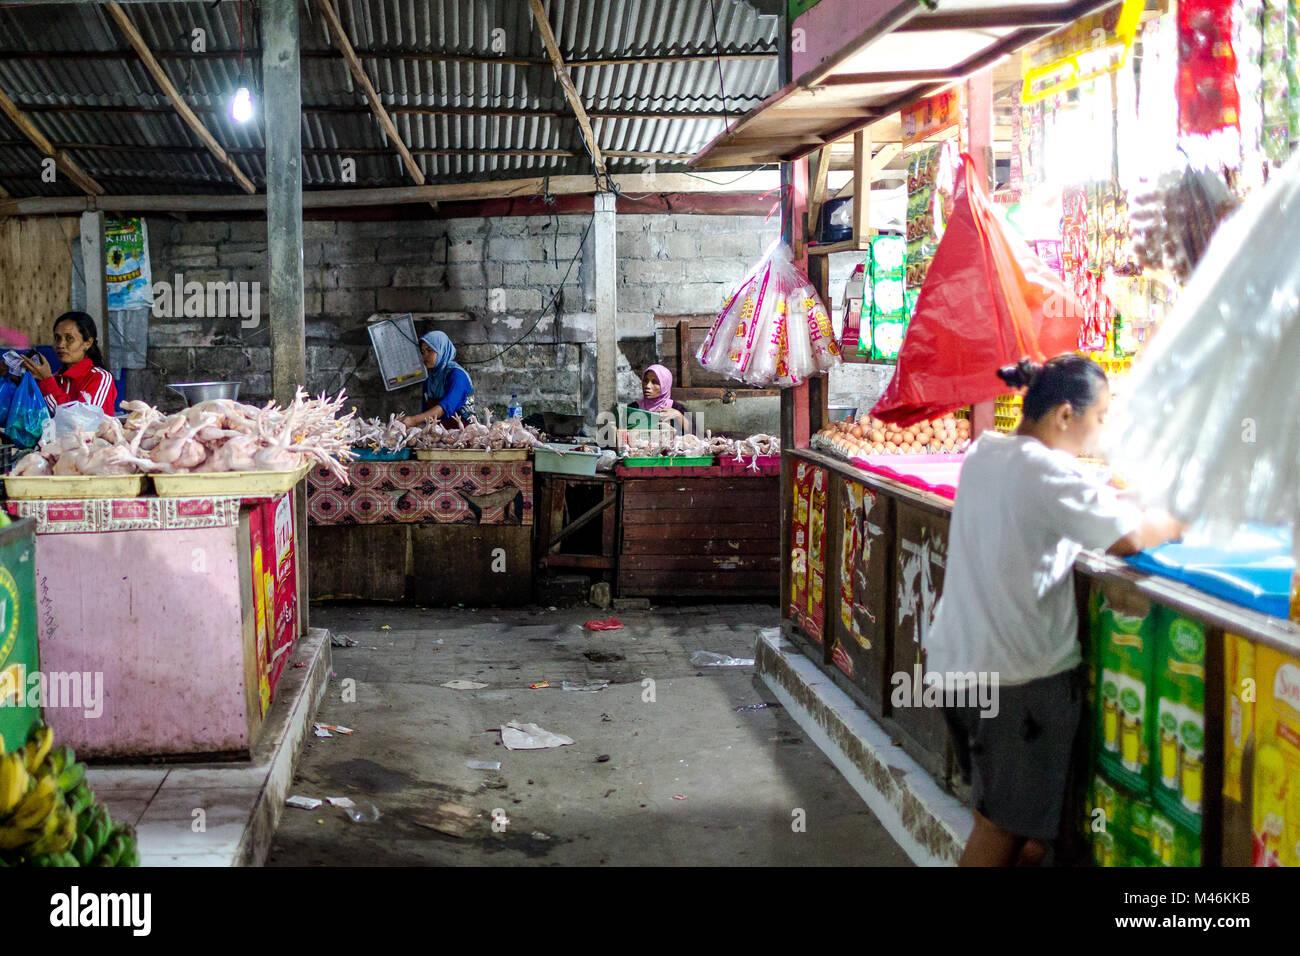 Jimbaran, Bali, 6 September 2013:  Raw chicken sold on Jimbaran market in Bali Stock Photo